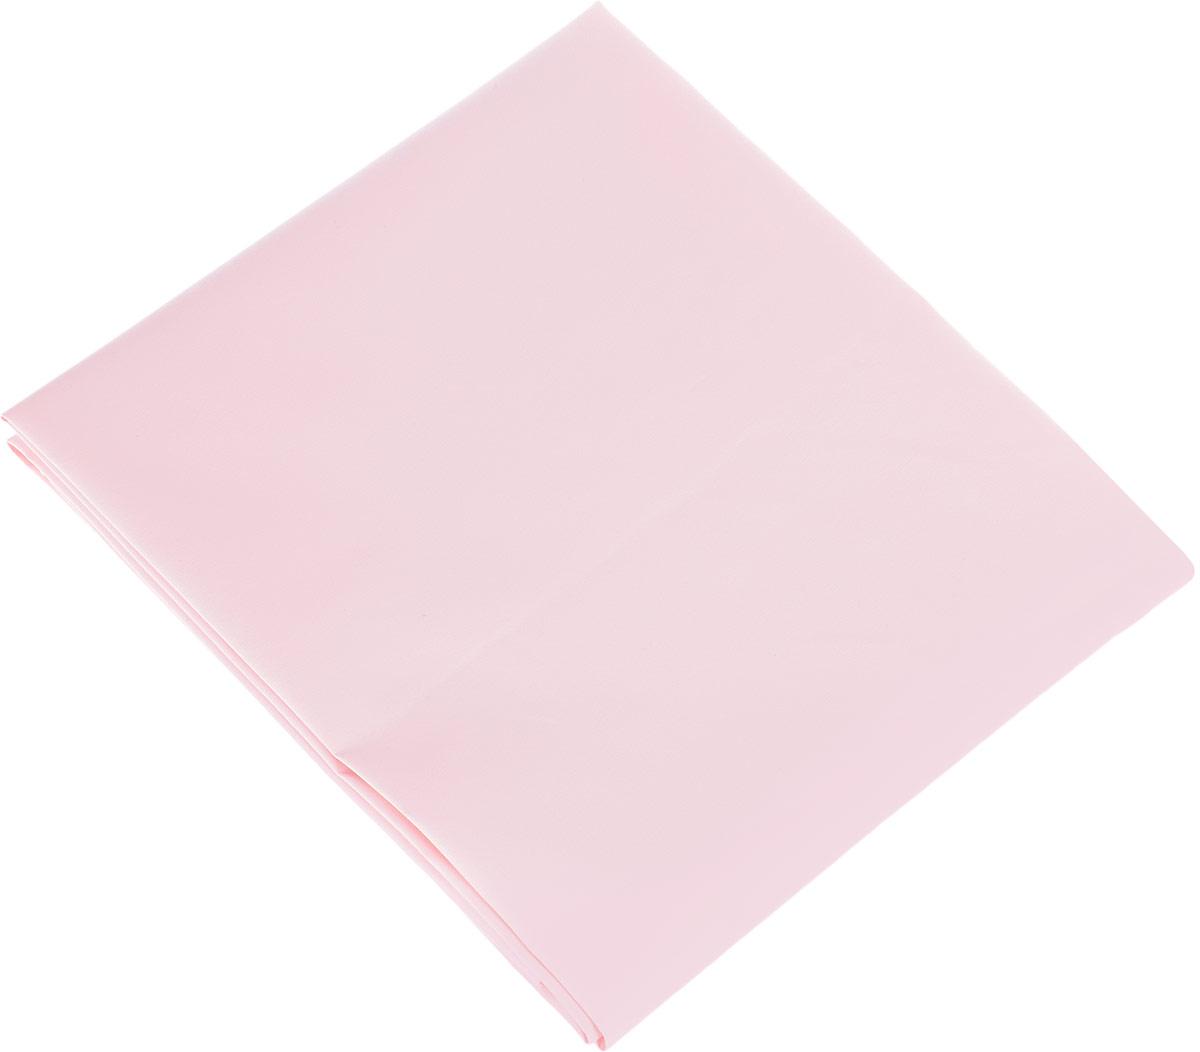 Пелигрин Наматрасник детский цвет розовый 120 х 60 х 10 см80227Наматрасник Пелигрин с резинками на углах сделан из специальной клеёнки.Непромокаемый дышащий наматрасник надежно защитит кроватку малыша от протеканий и продлит срок службы матраса. Материал, из которого он сделан, обладает отличной теплопроводностью и паропроницаемостью. Он быстро приобретает температуру тела. тем самым устраняя эффект холодного прикосновения. А это значит, что вашему крохе будет всегда уютно в своей кроватке.Допускается машинная стирка при температуре 30 градусов, не требует глажки.